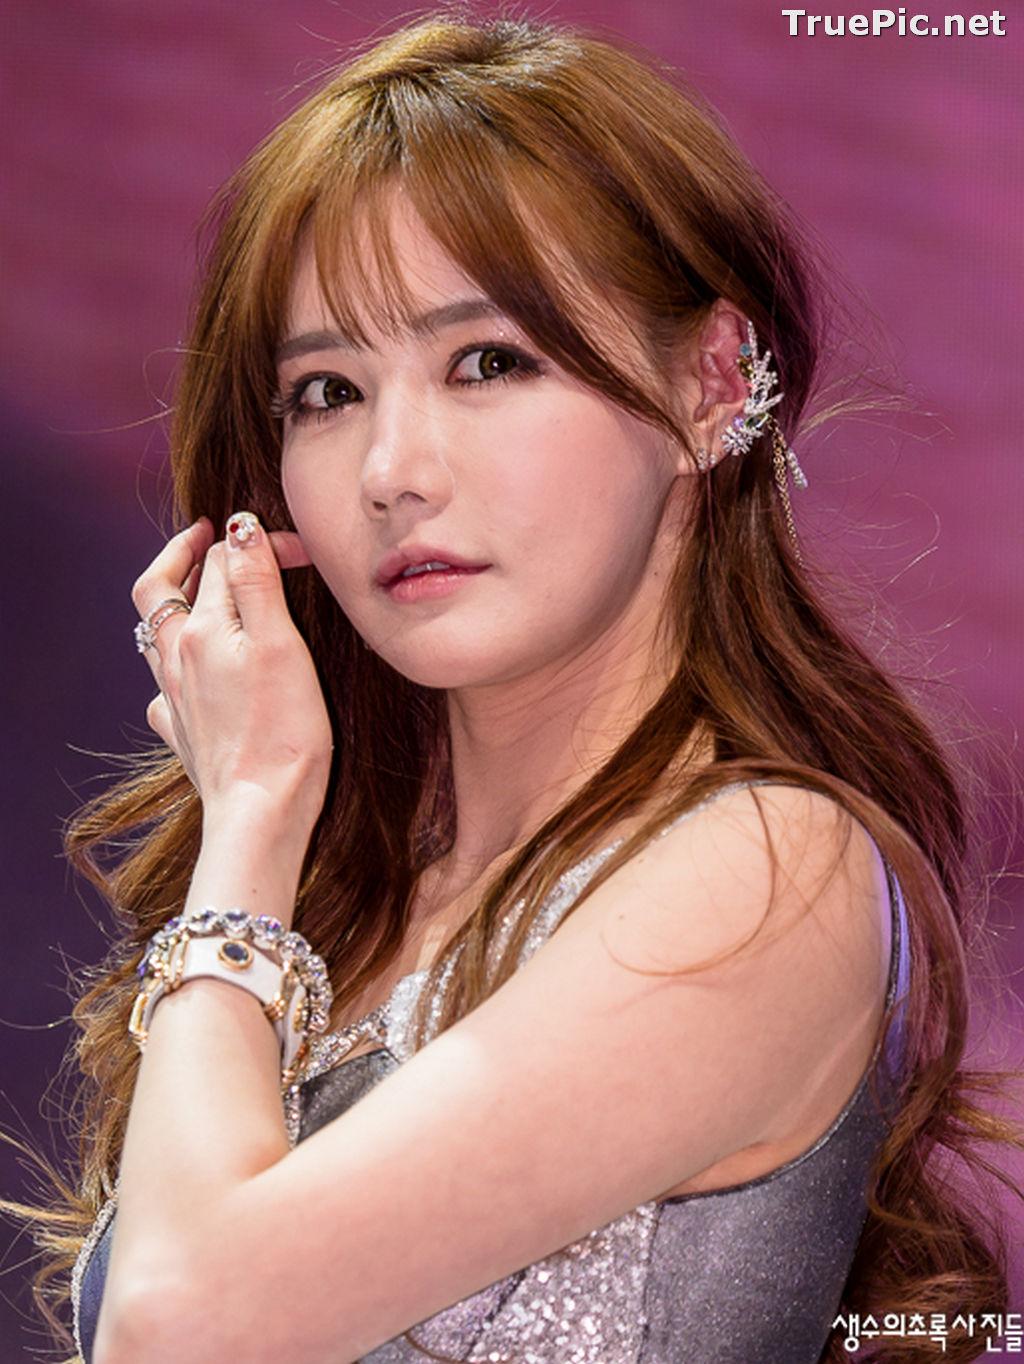 Image Best Beautiful Images Of Korean Racing Queen Han Ga Eun #3 - TruePic.net - Picture-5